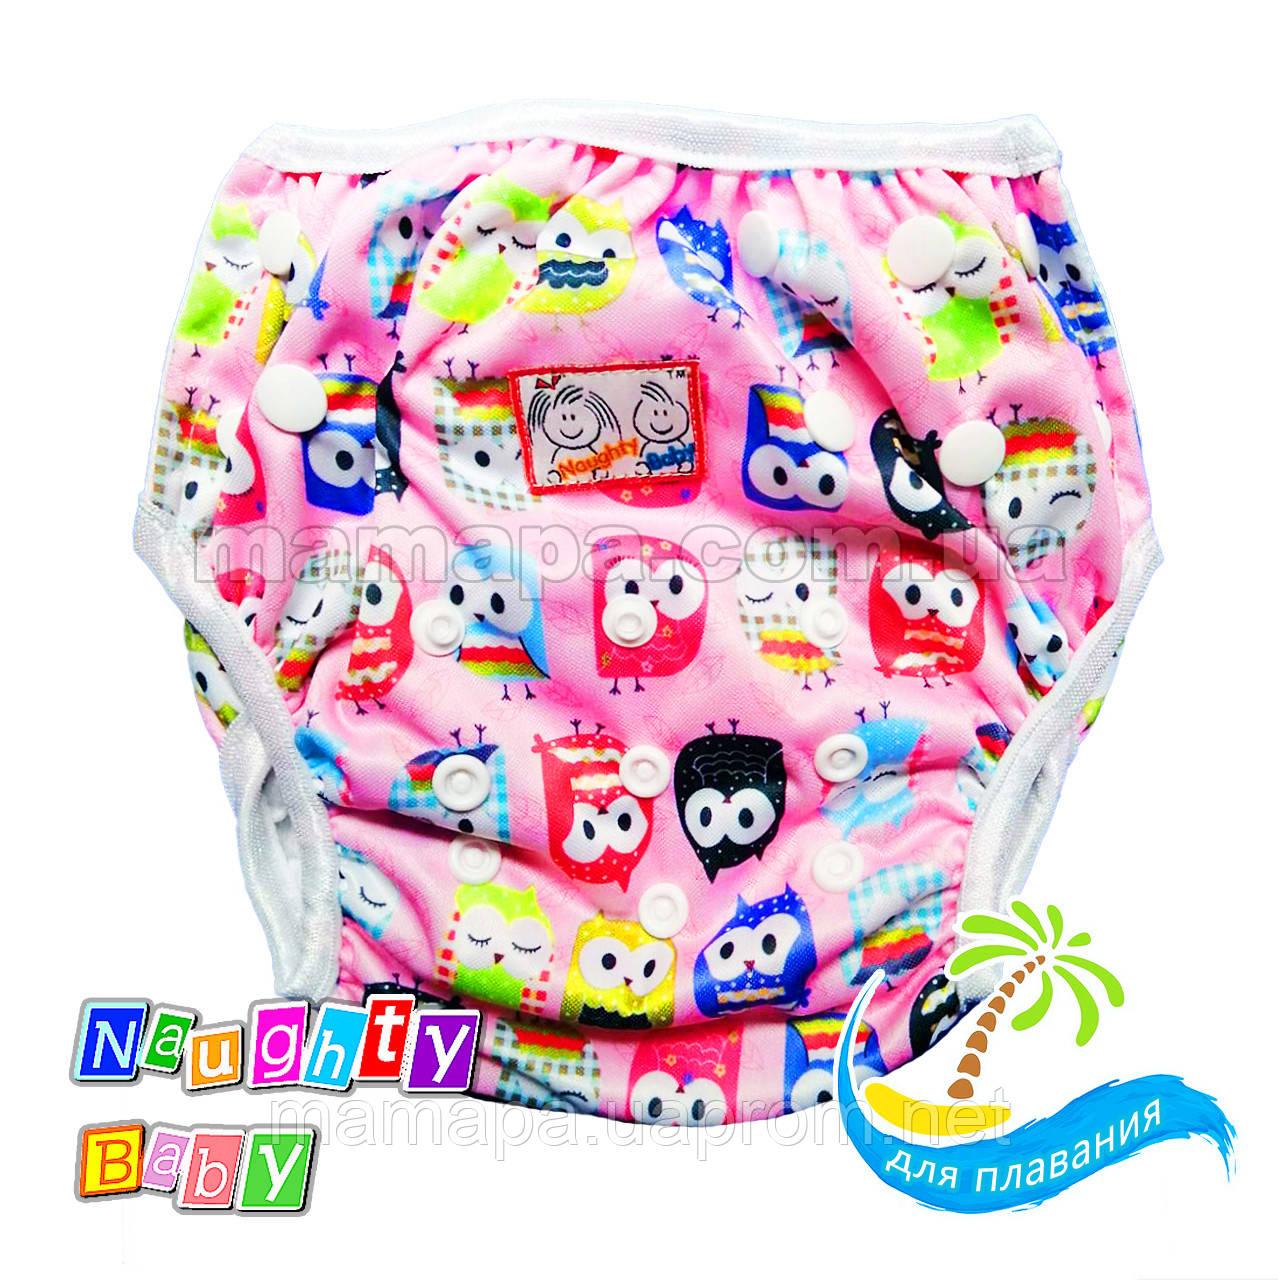 Многоразовые подгузники для плавания бассейна Naughty Baby для детей 3-16кг ПИНК